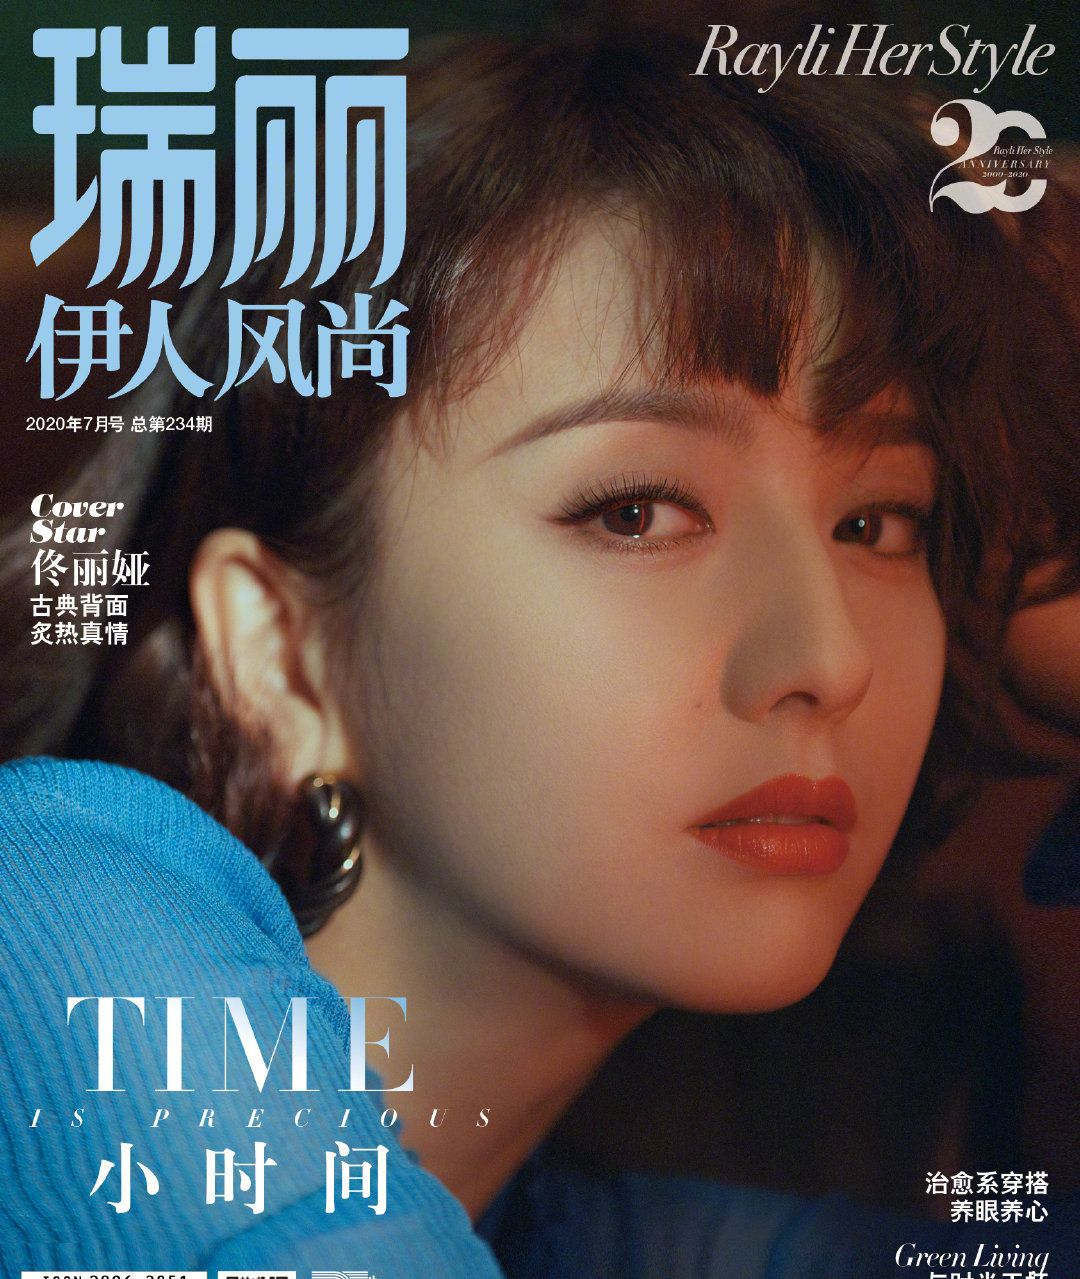 佟丽娅|《瑞丽伊人风尚》七月刊封面大片,俏皮又不失迷人风韵